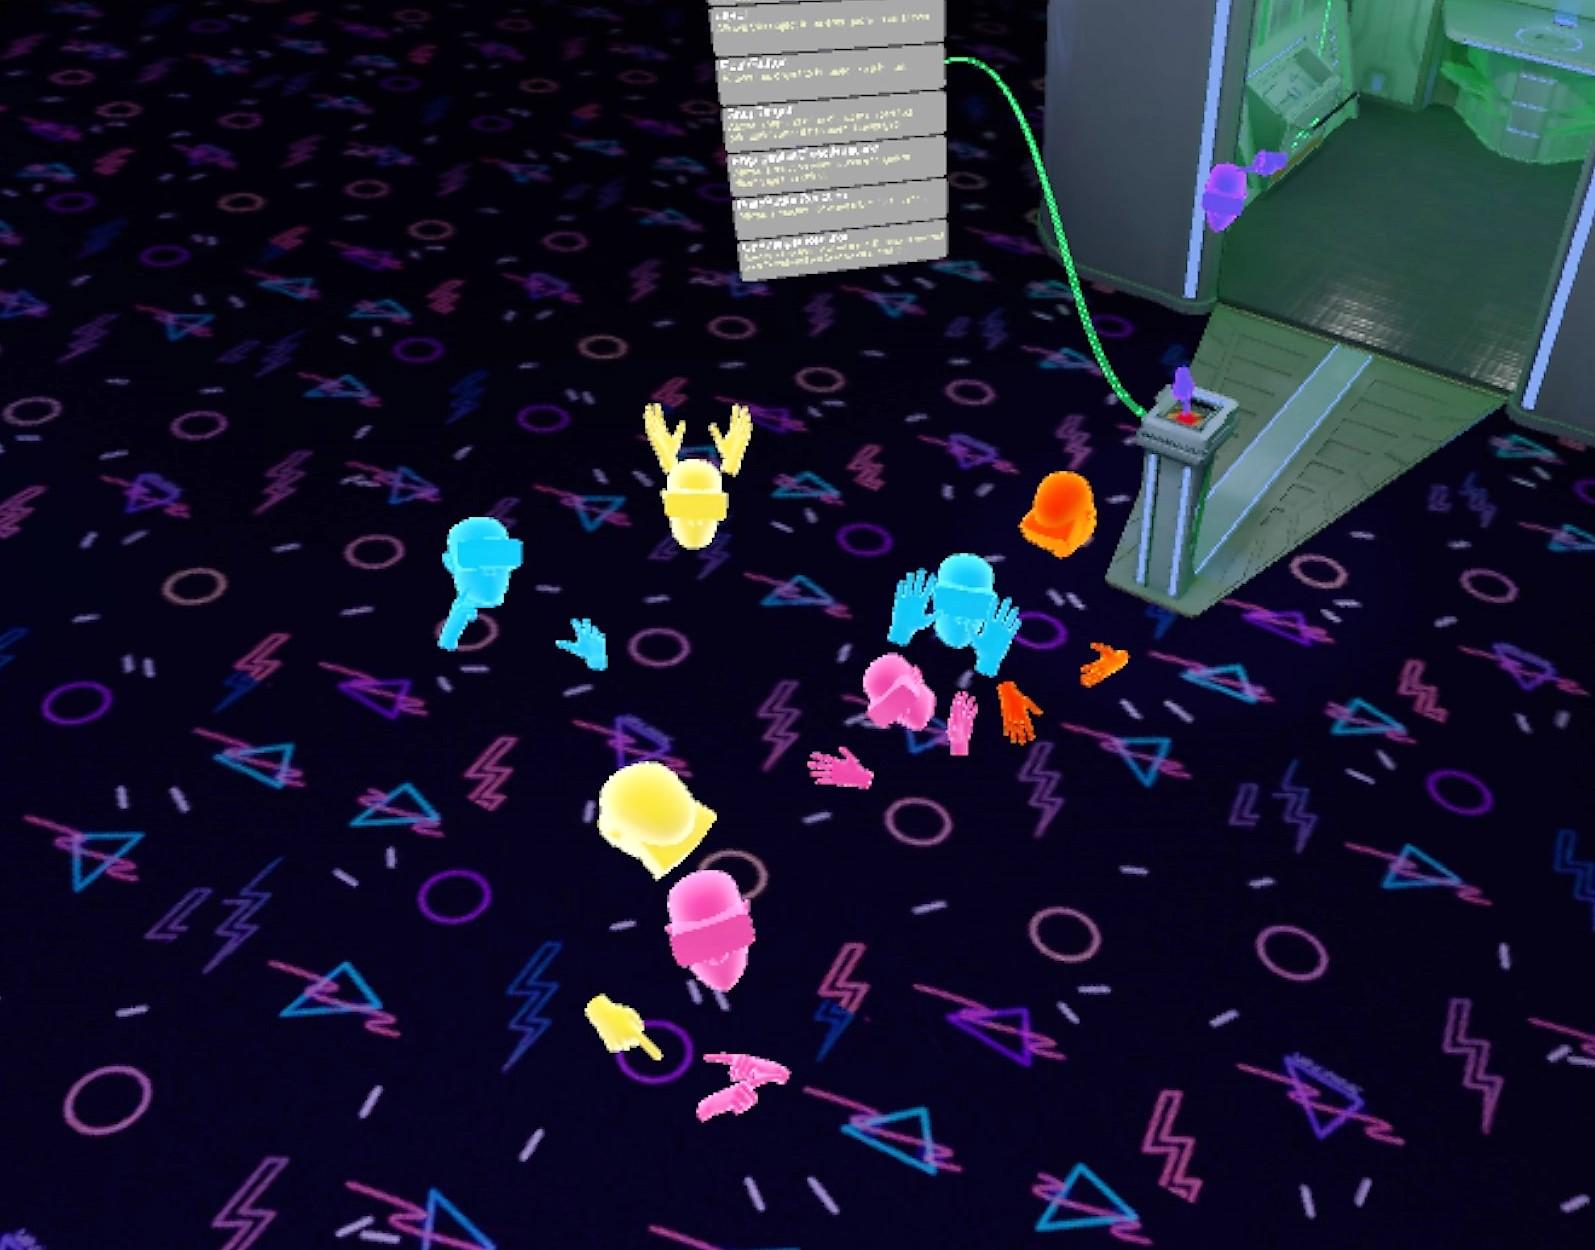 Виртуальная реальность – параллельная жизнь со своими течениями